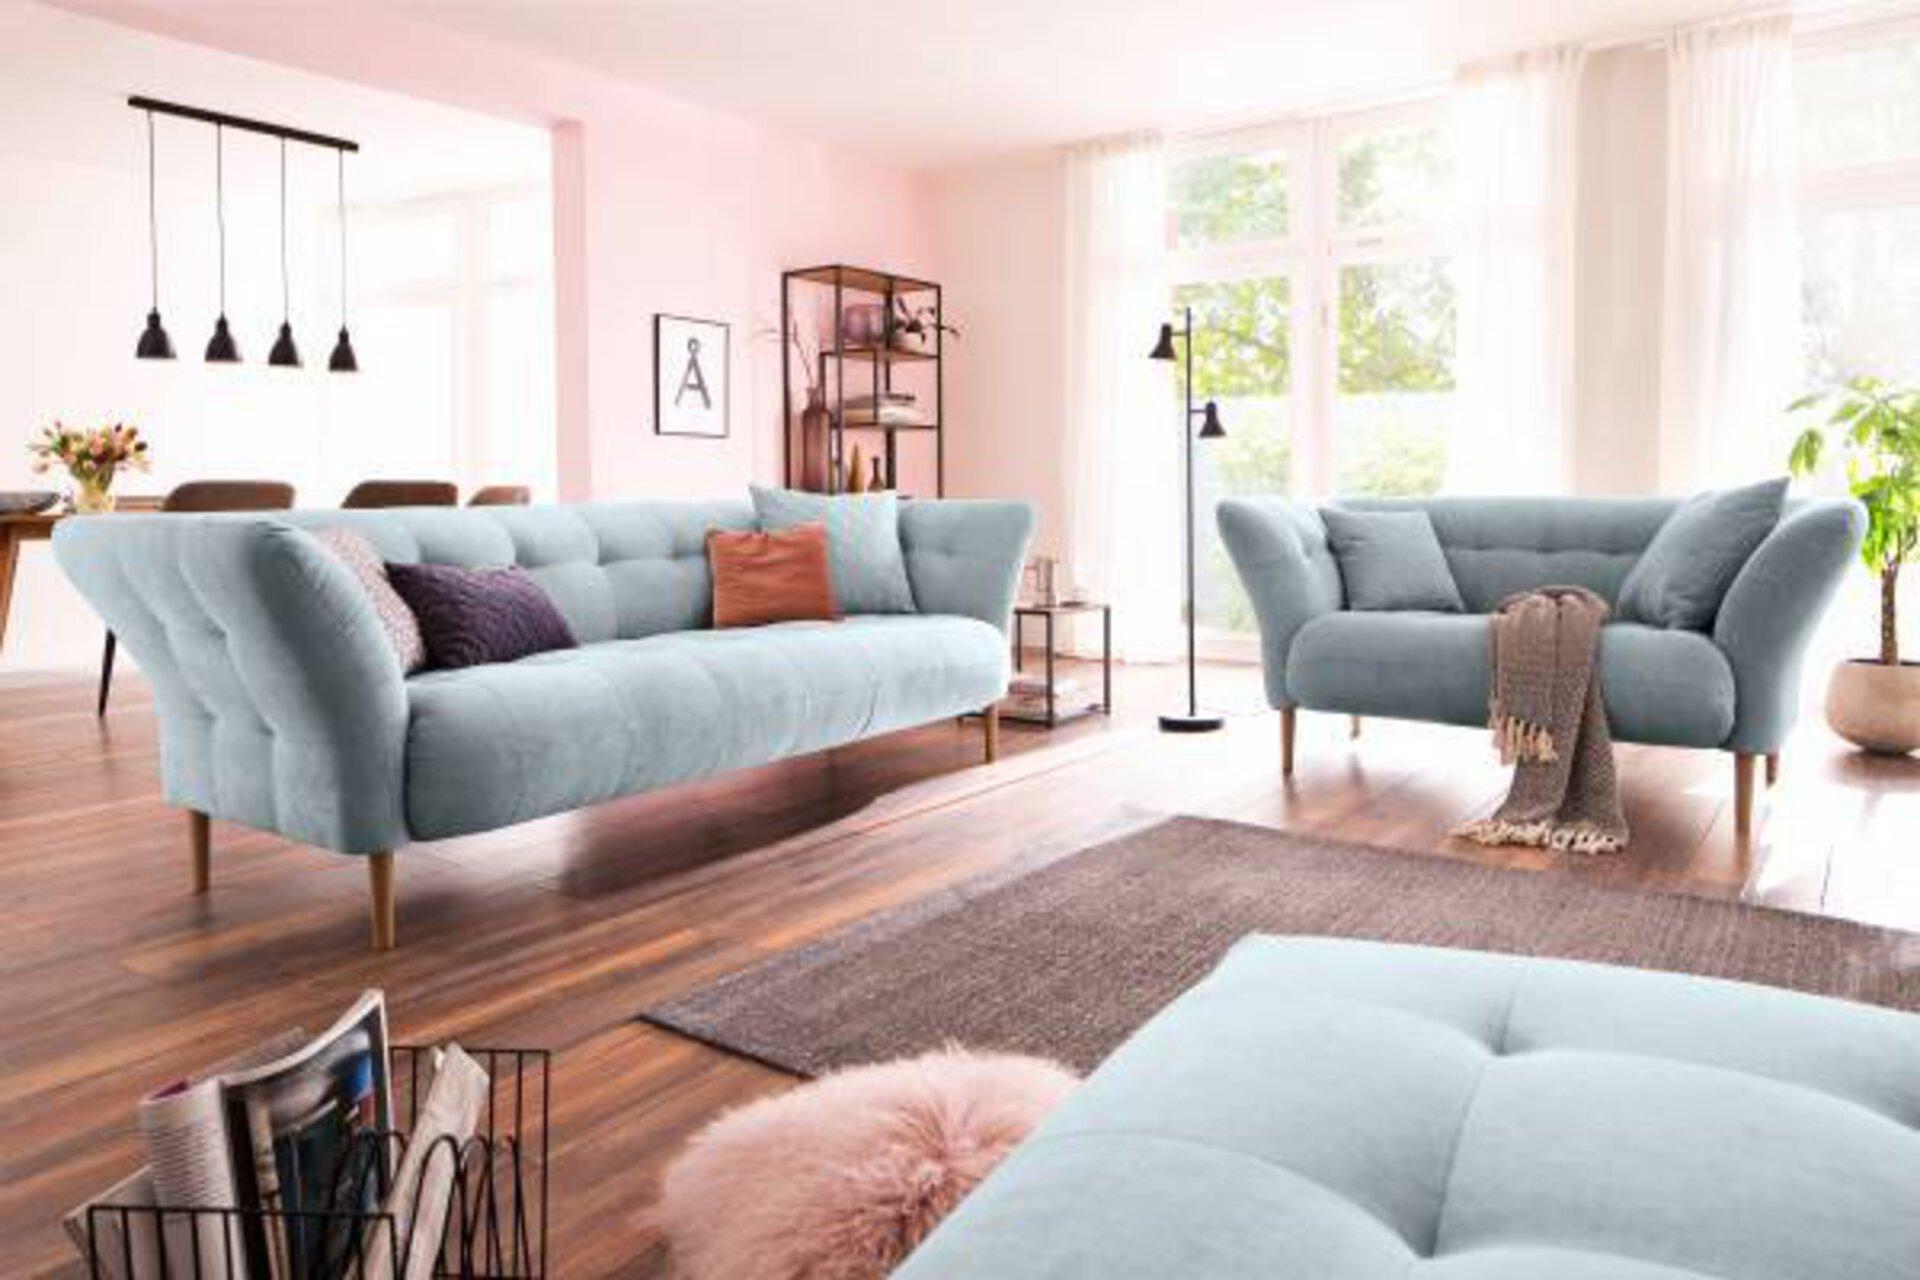 Sofa 2-Sitzer BIG APPLE Couch Lifestyle Textil Blau 97 x 79 x 160 cm